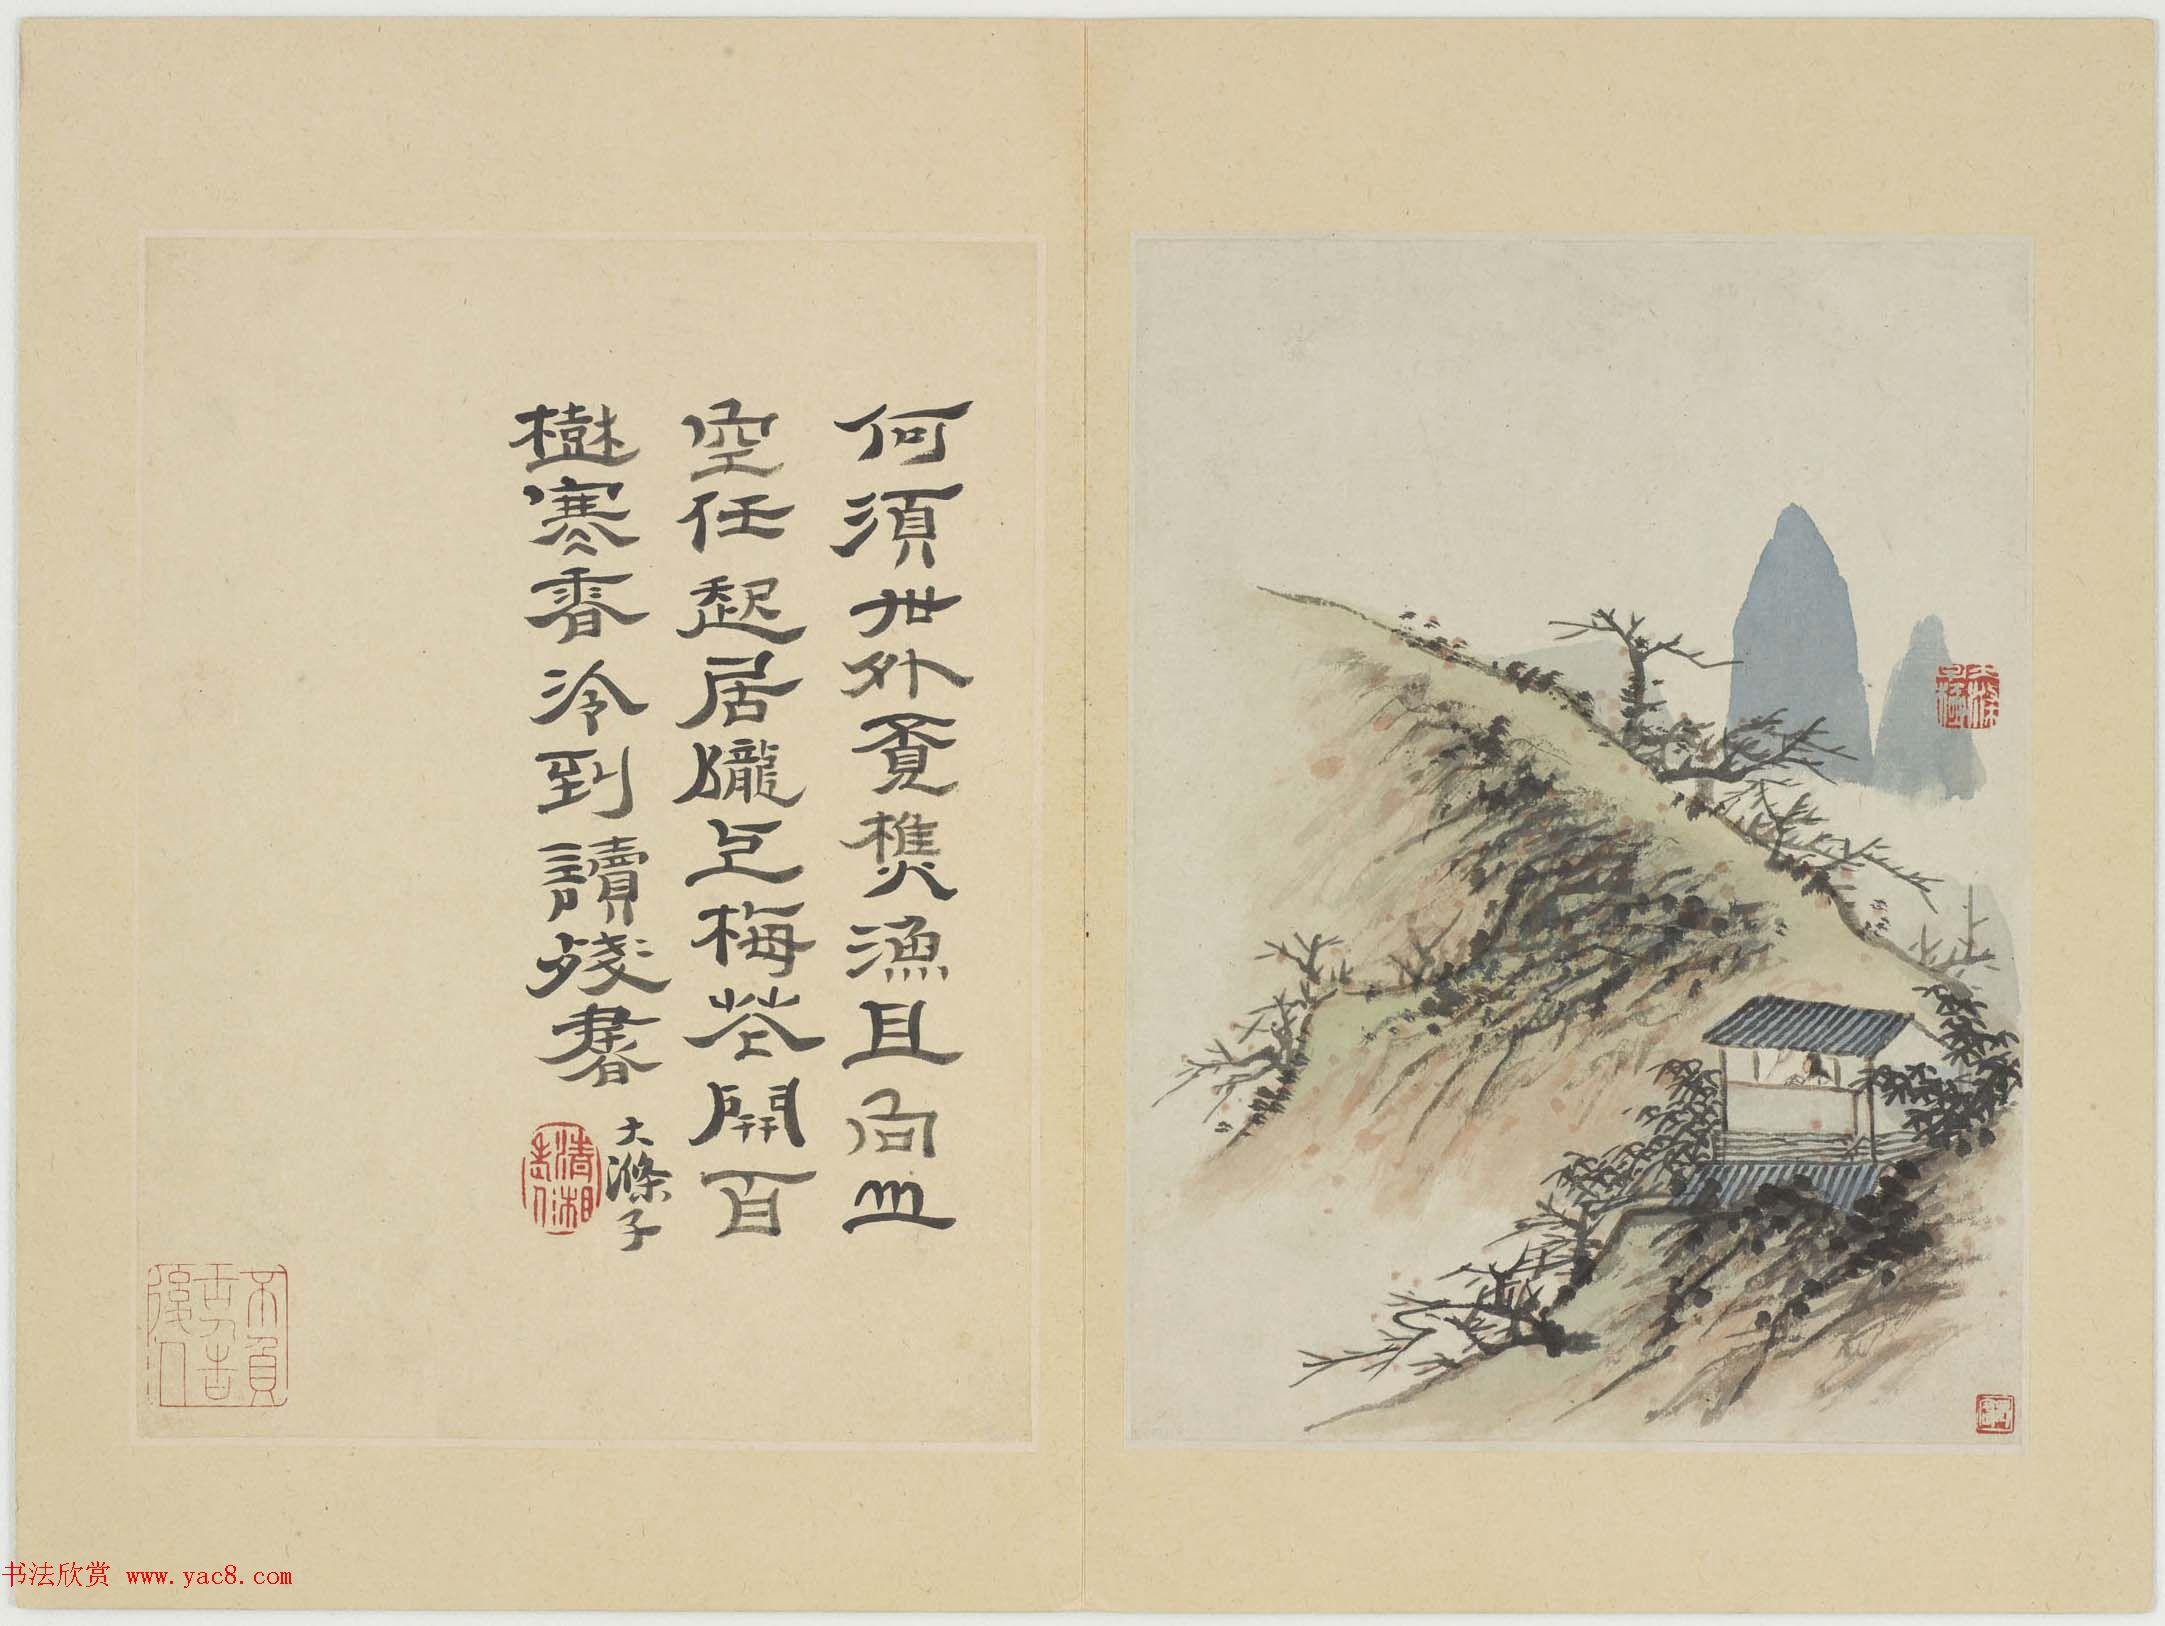 石涛字画欣赏《清湘老人写枝山诗意册》美国弗利尔美术馆藏